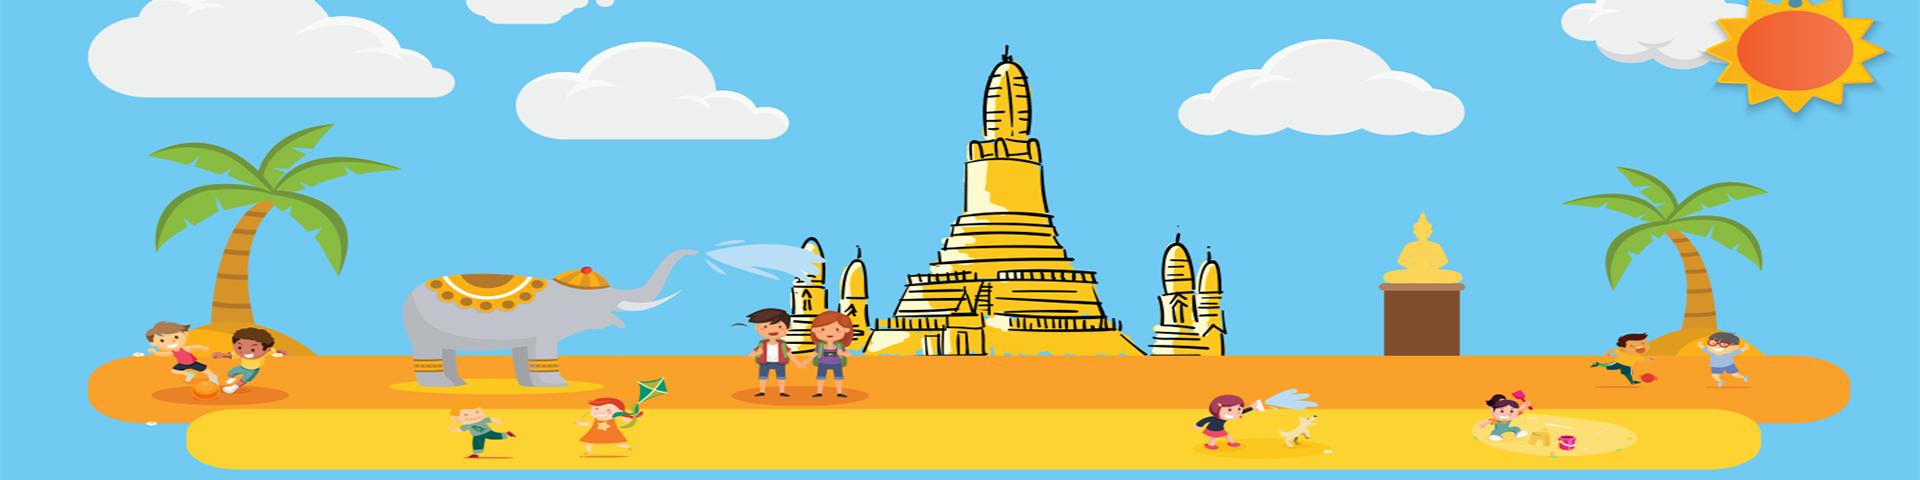 تور جشن آب تایلند